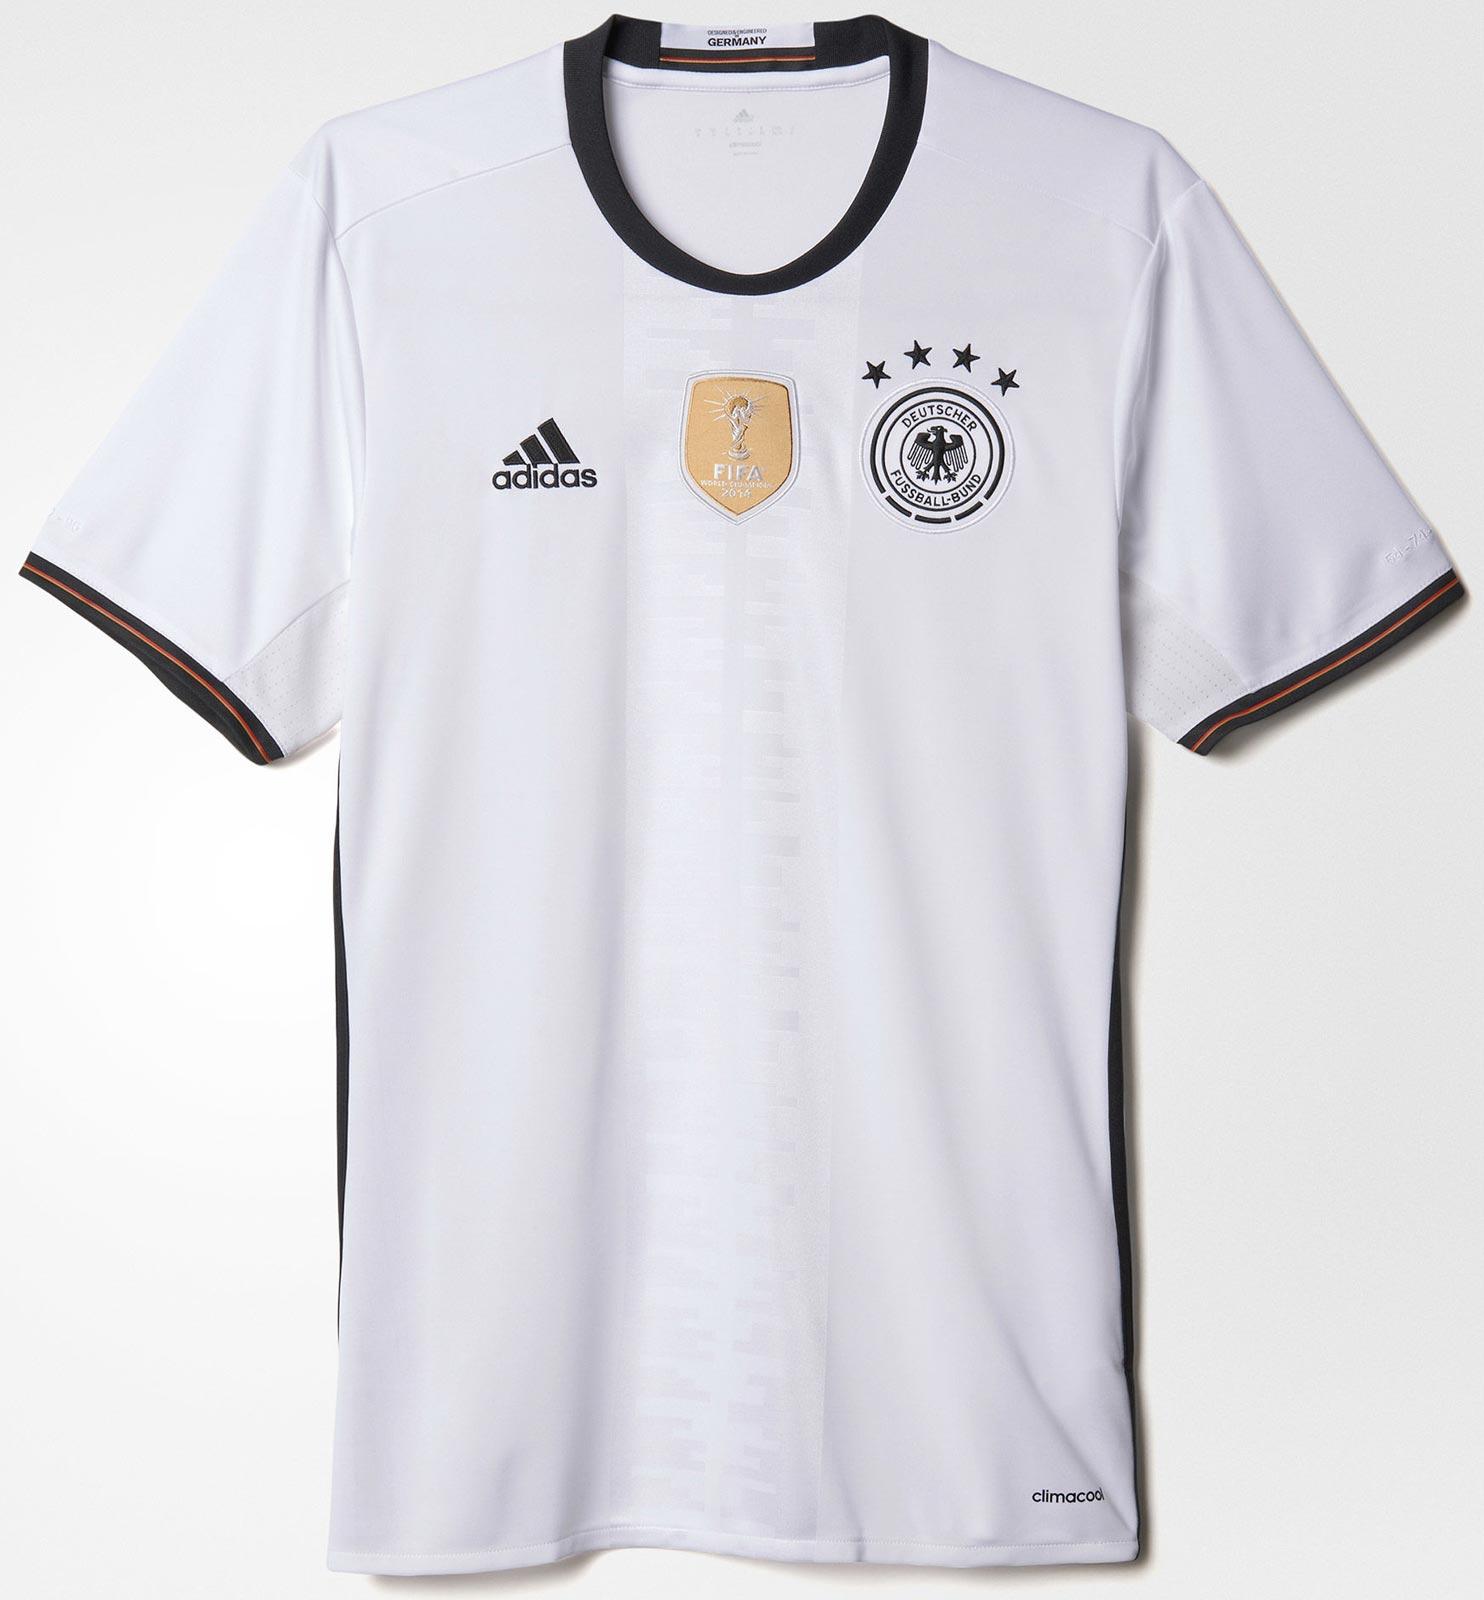 Best Football T Shirt Designs